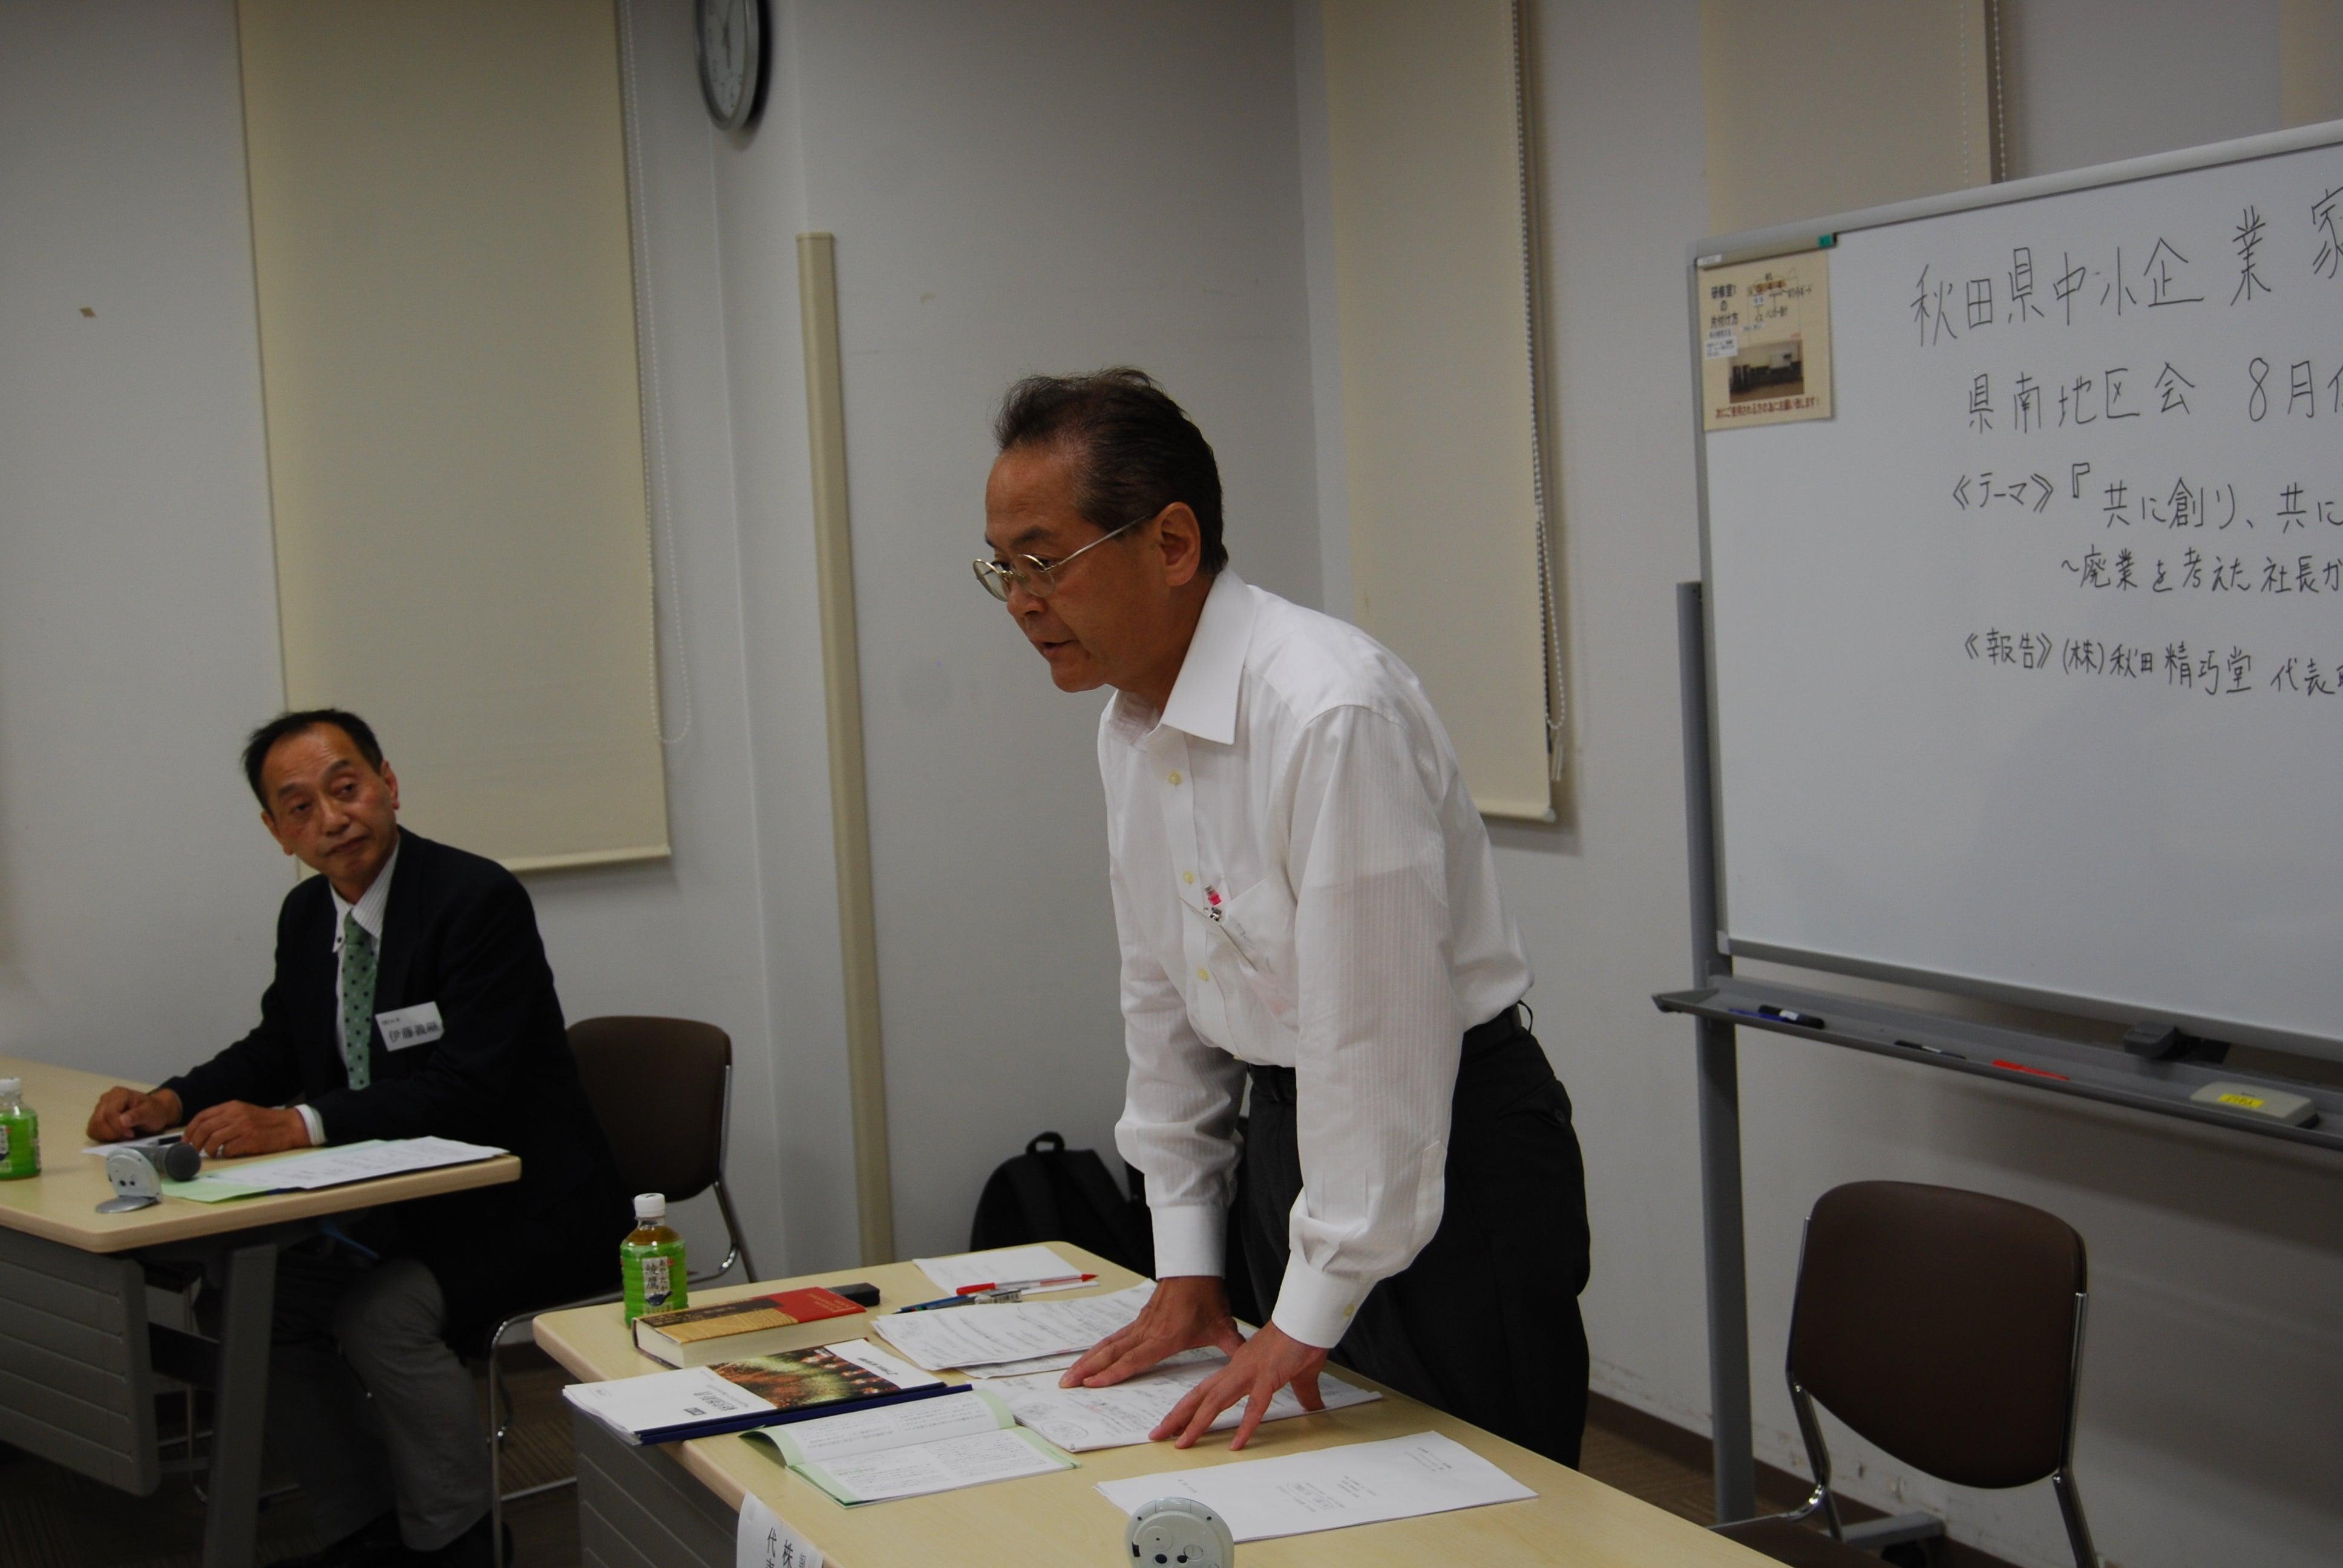 秋田県中小企業家同友会8月例会 と 横手市倫理法人会 第900回モーニングセミナー